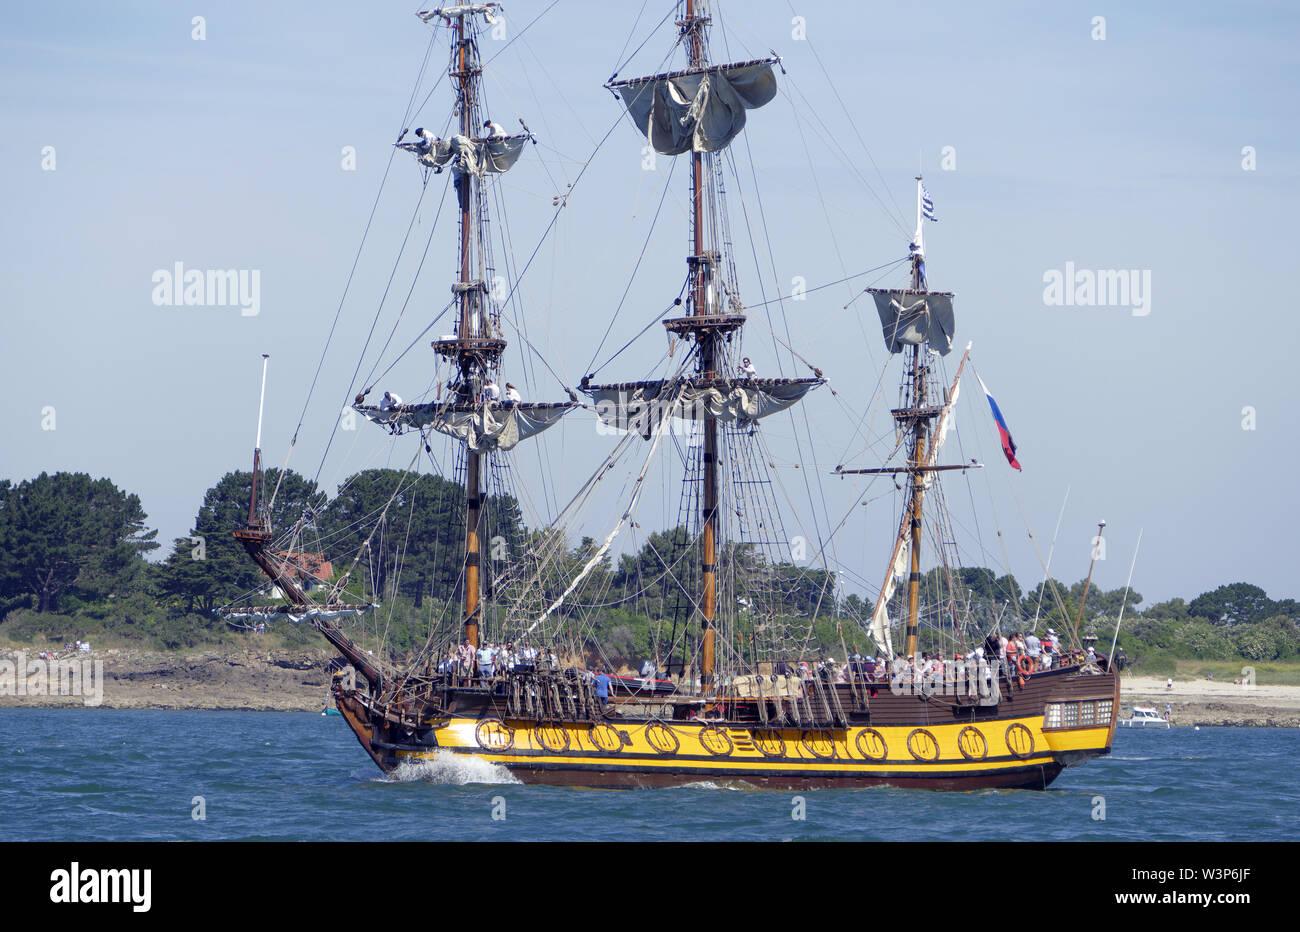 Shtandart réplique d'une frégate russe à partir de 1703, le port d'attache: Saint-Pétersbourg), grande parade, Semaine du golfe du Morbihan (Morbihan, Bretagne, FR). Banque D'Images